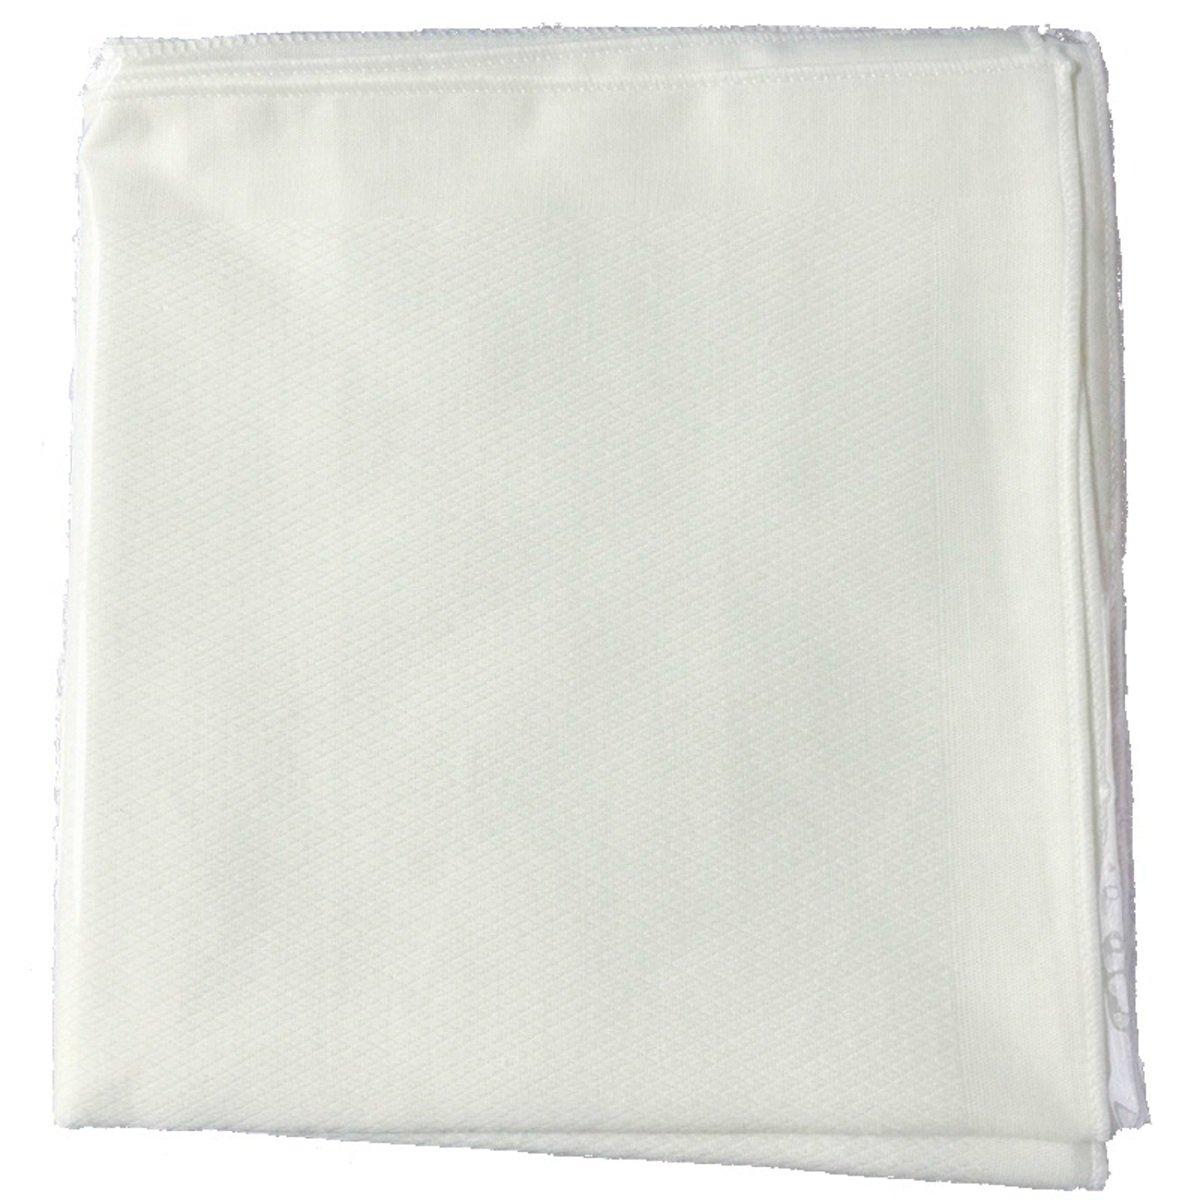 全棉嬰兒紗巾 (純白)